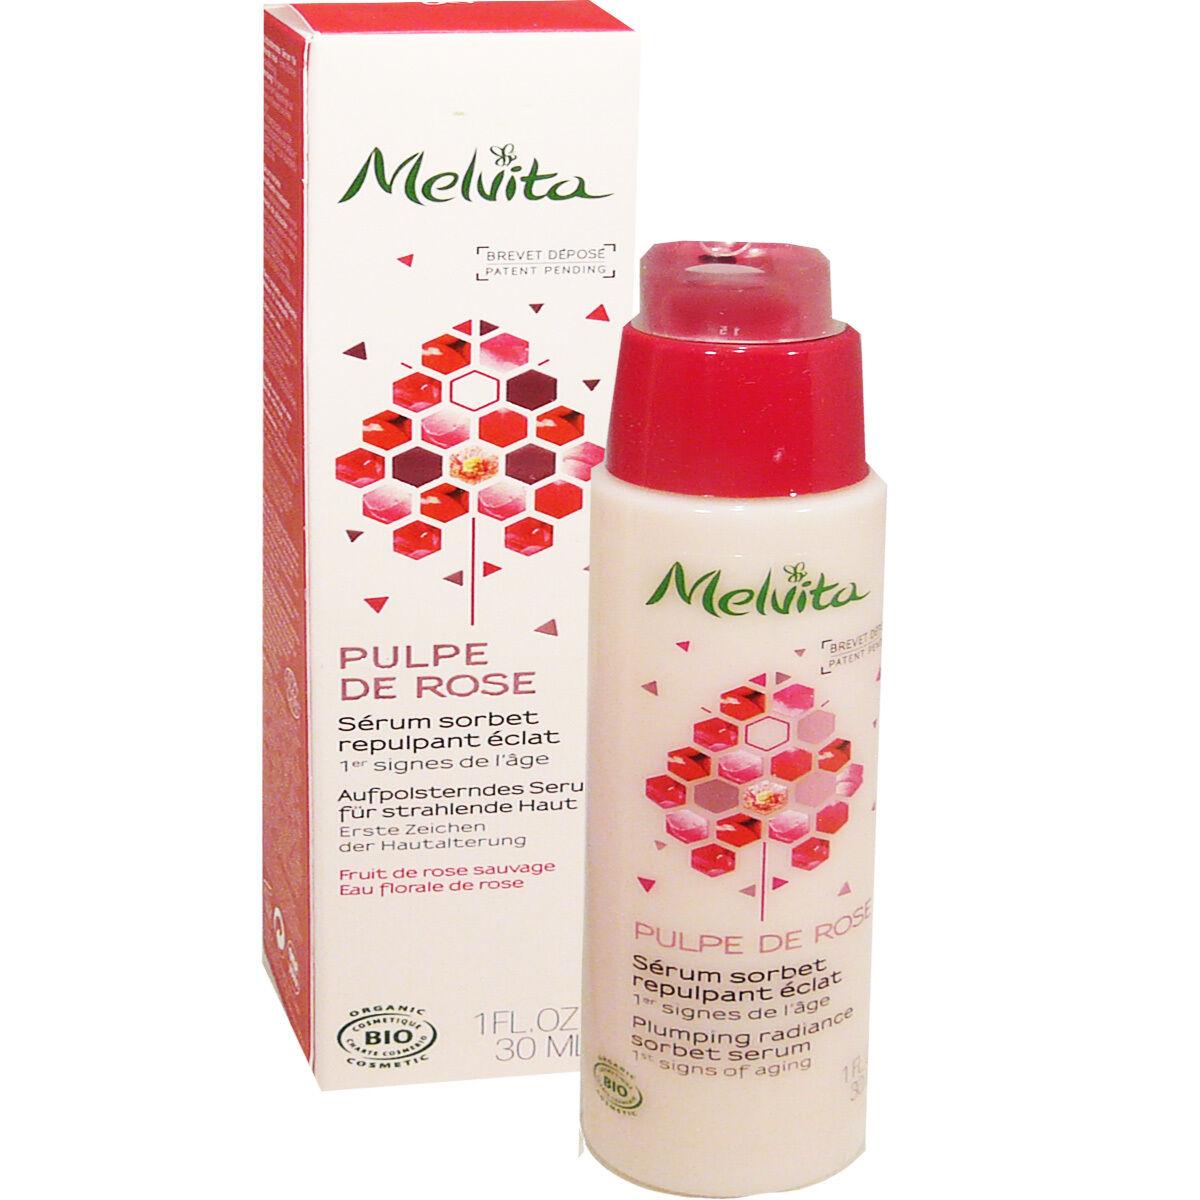 Melvita serum sorbet pulpe de rose 30 ml